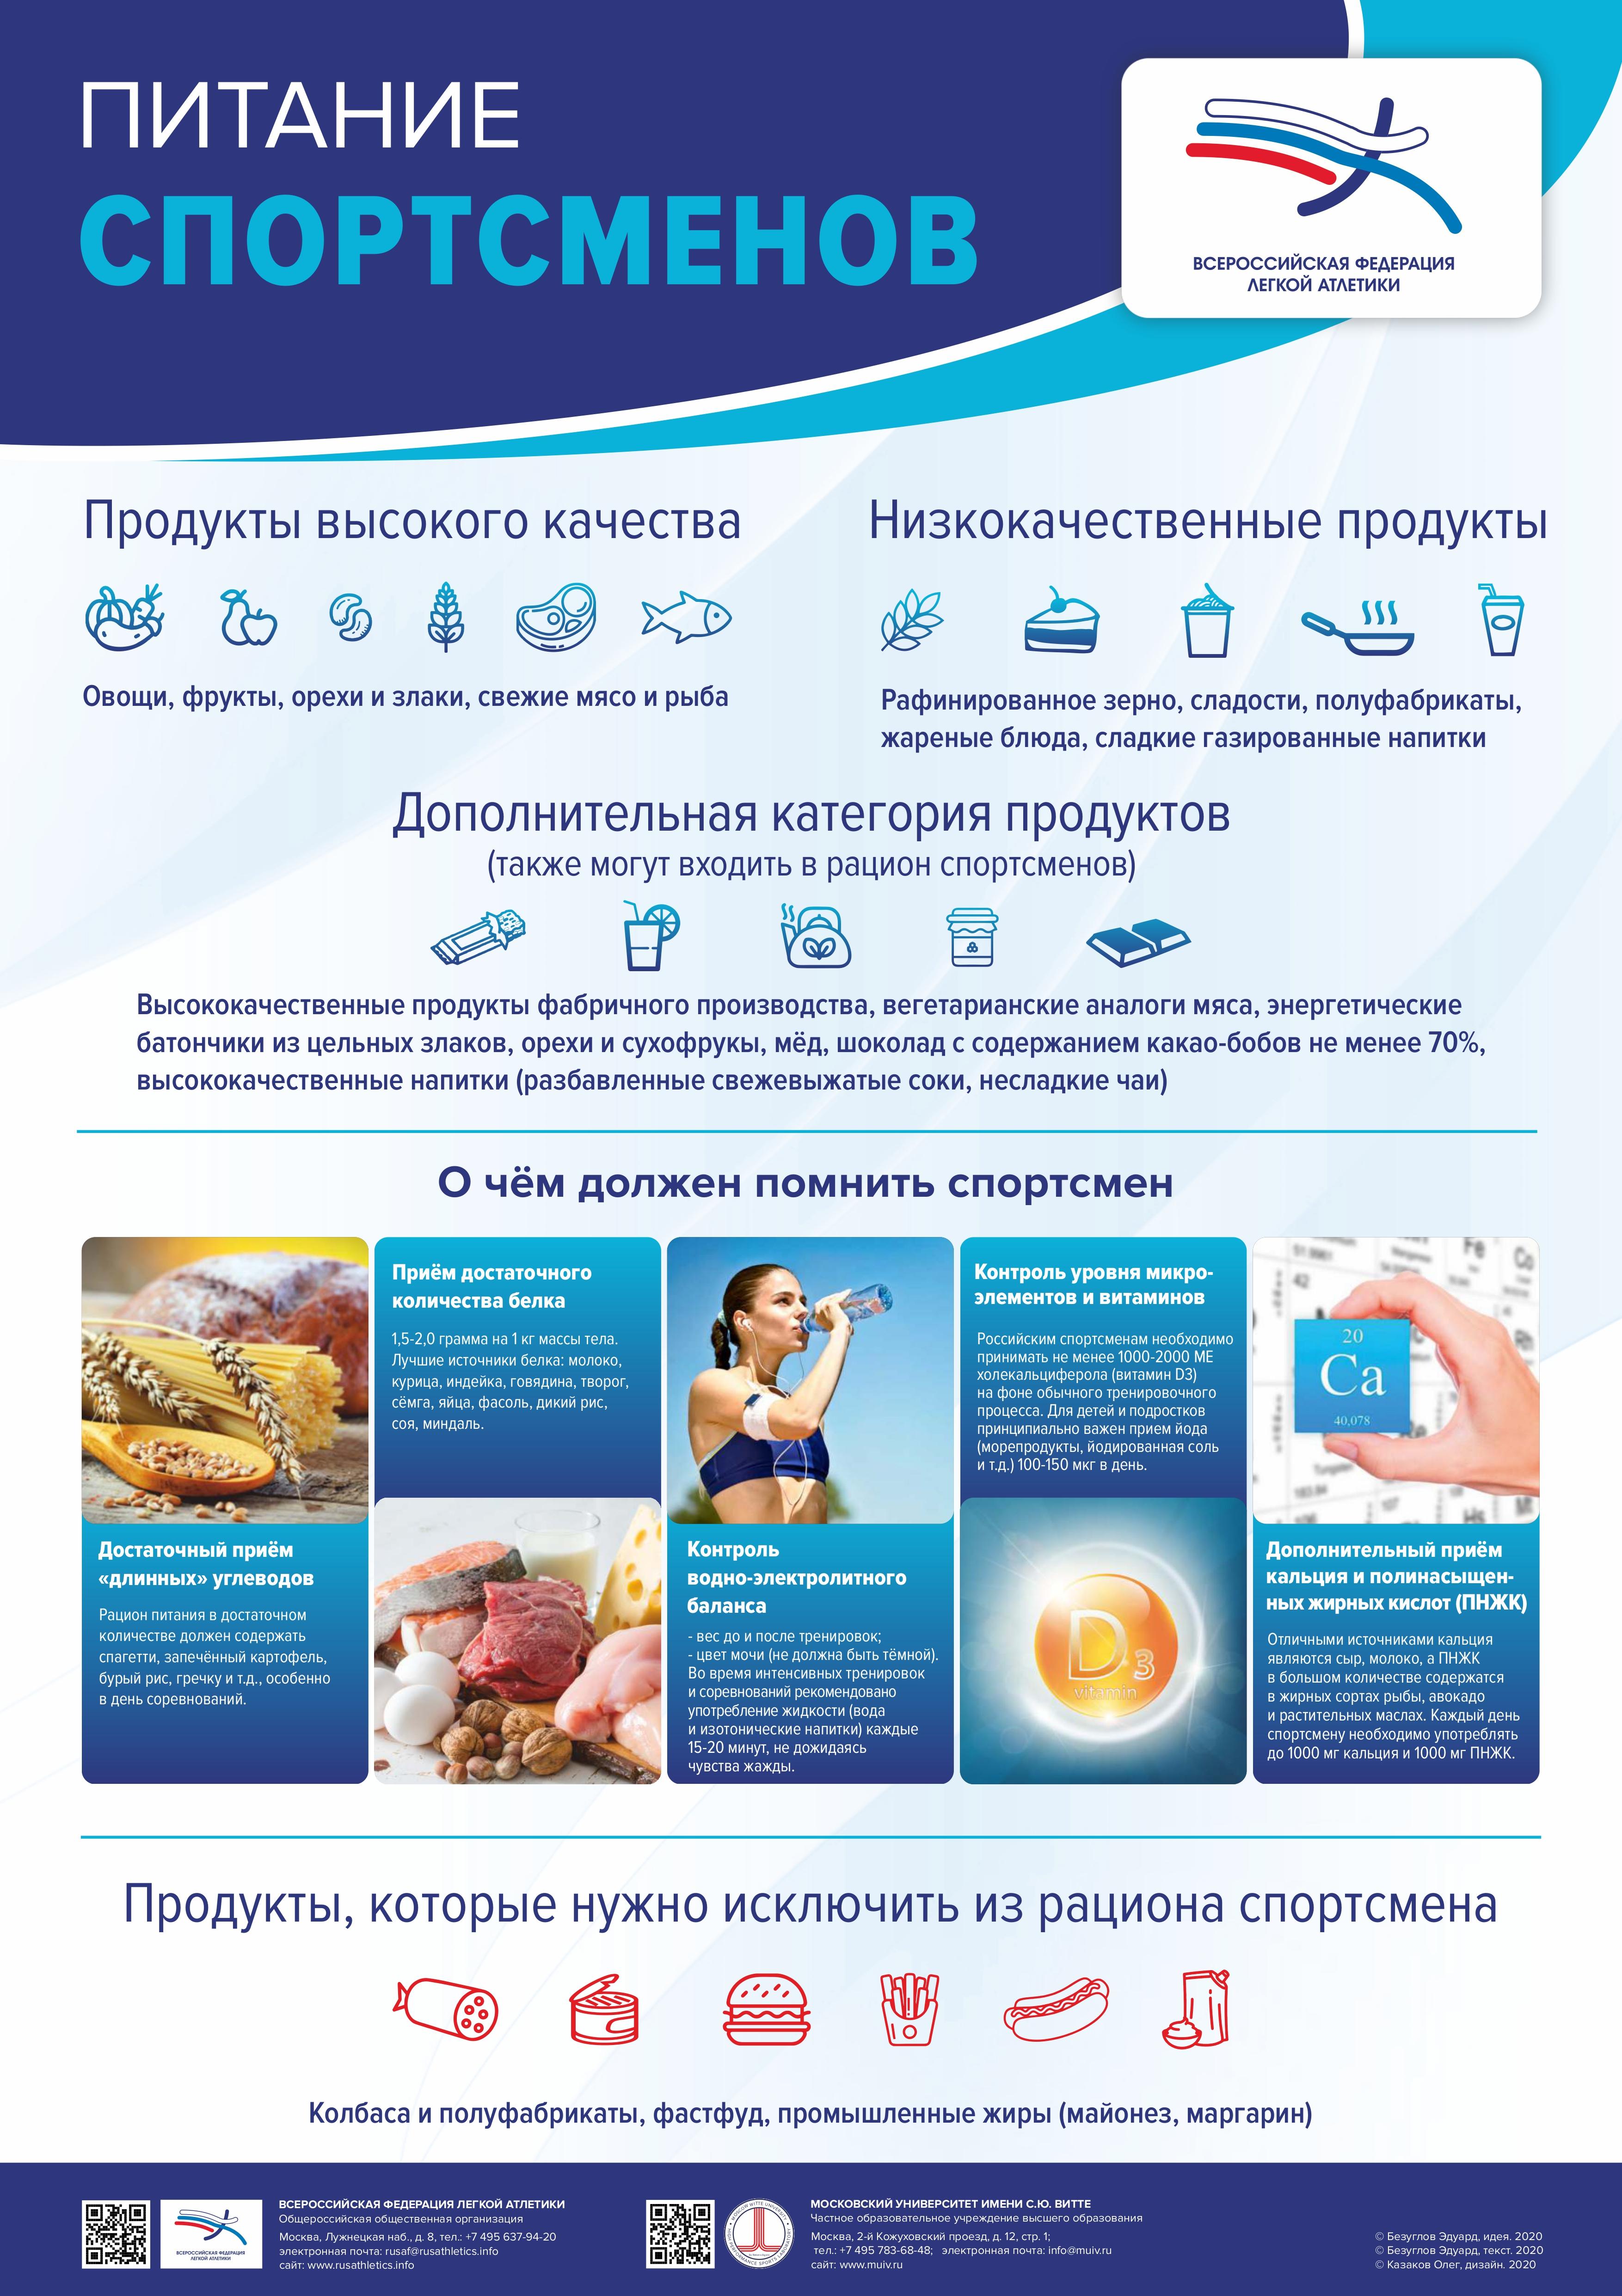 pitanie-sportsmenov_page-0001